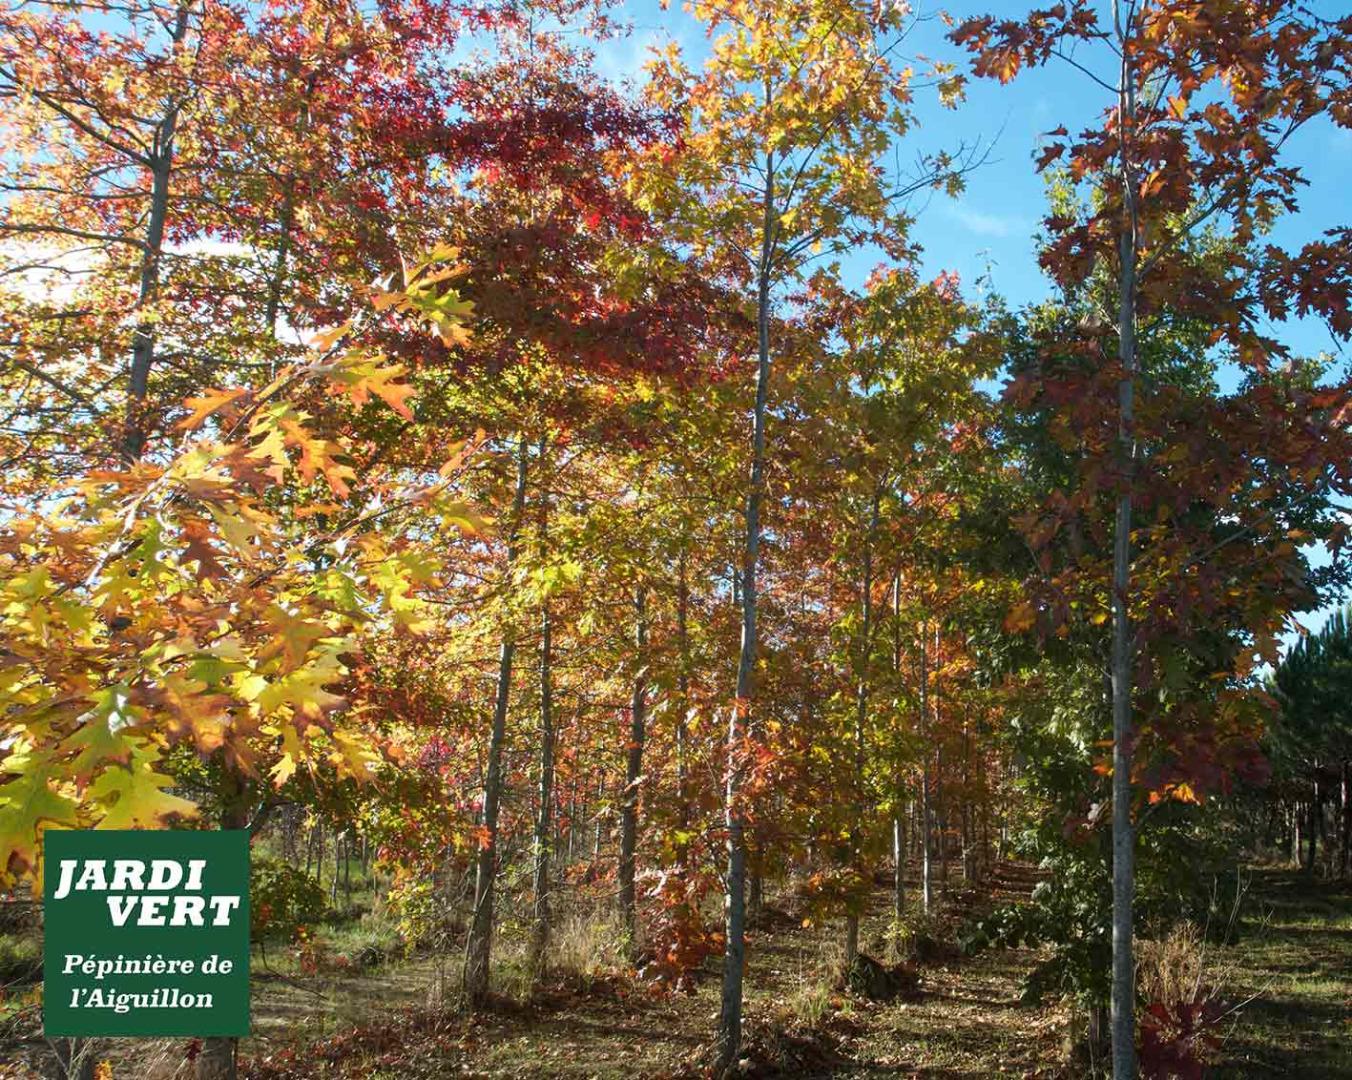 Vente de grands chênes rouge américain et chênes des marais adultes - Feuillage d'automne - Pépinière de l'Aiguillon arboriculteur